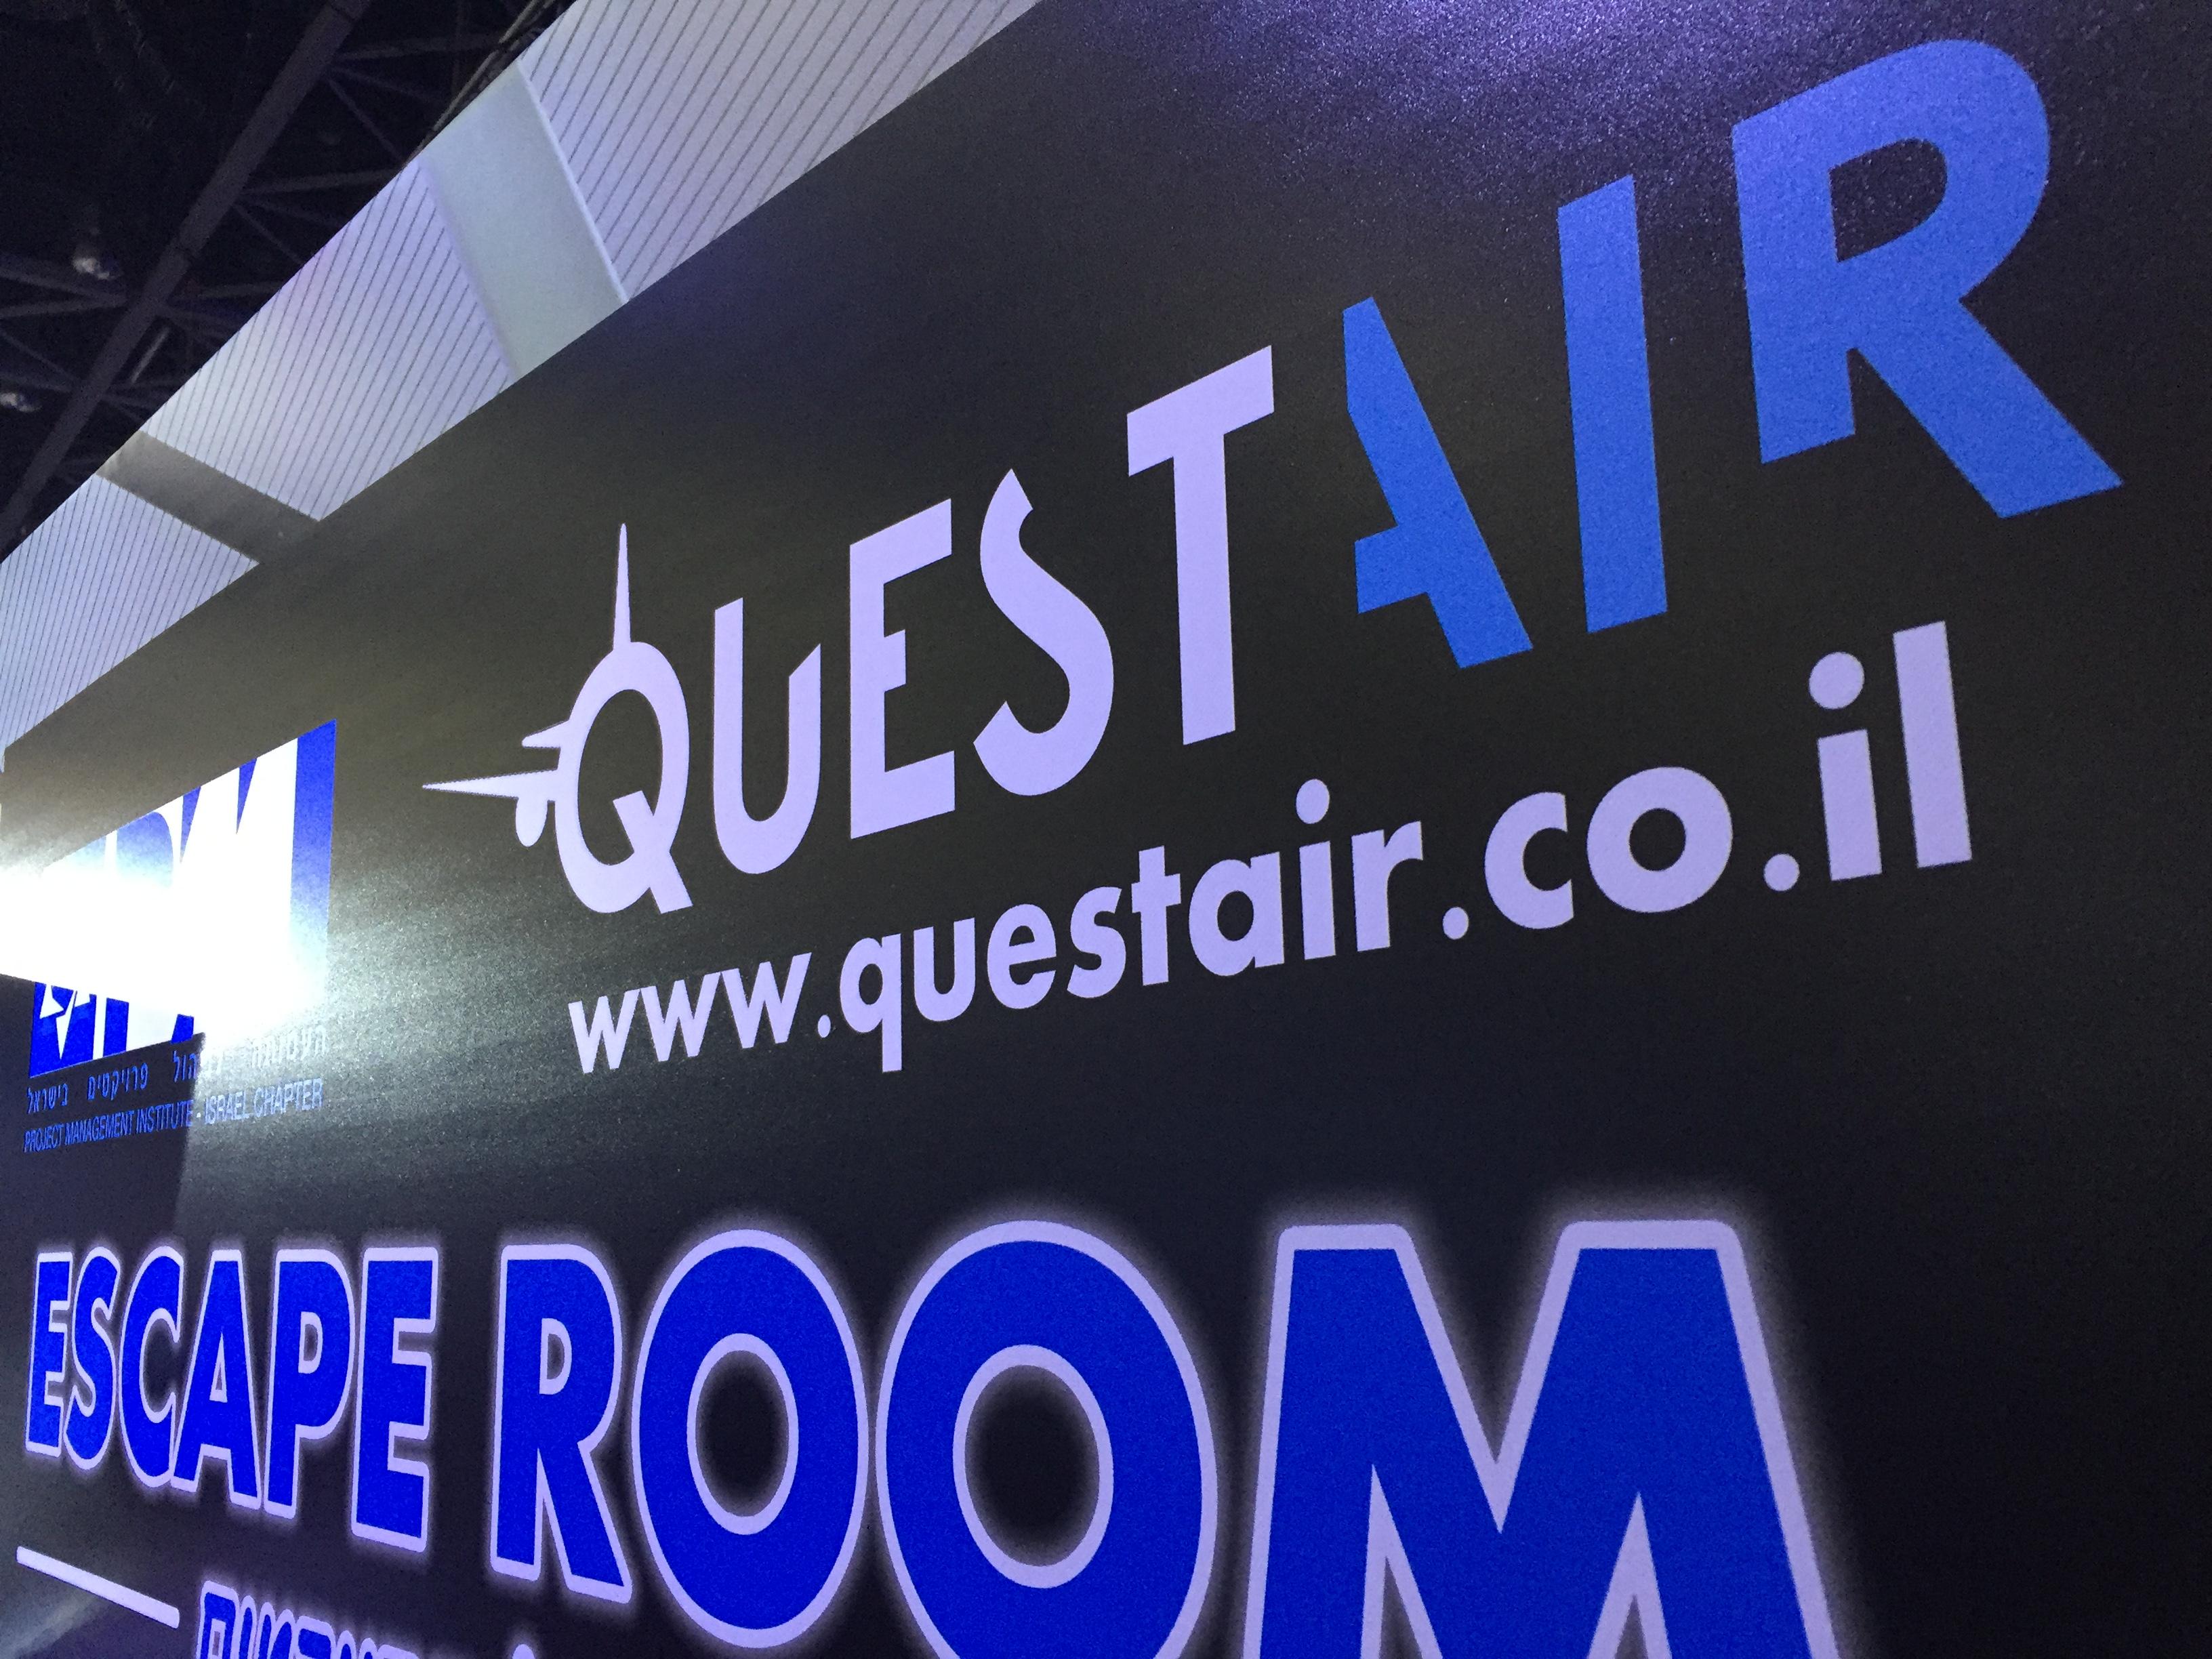 Questair Logo